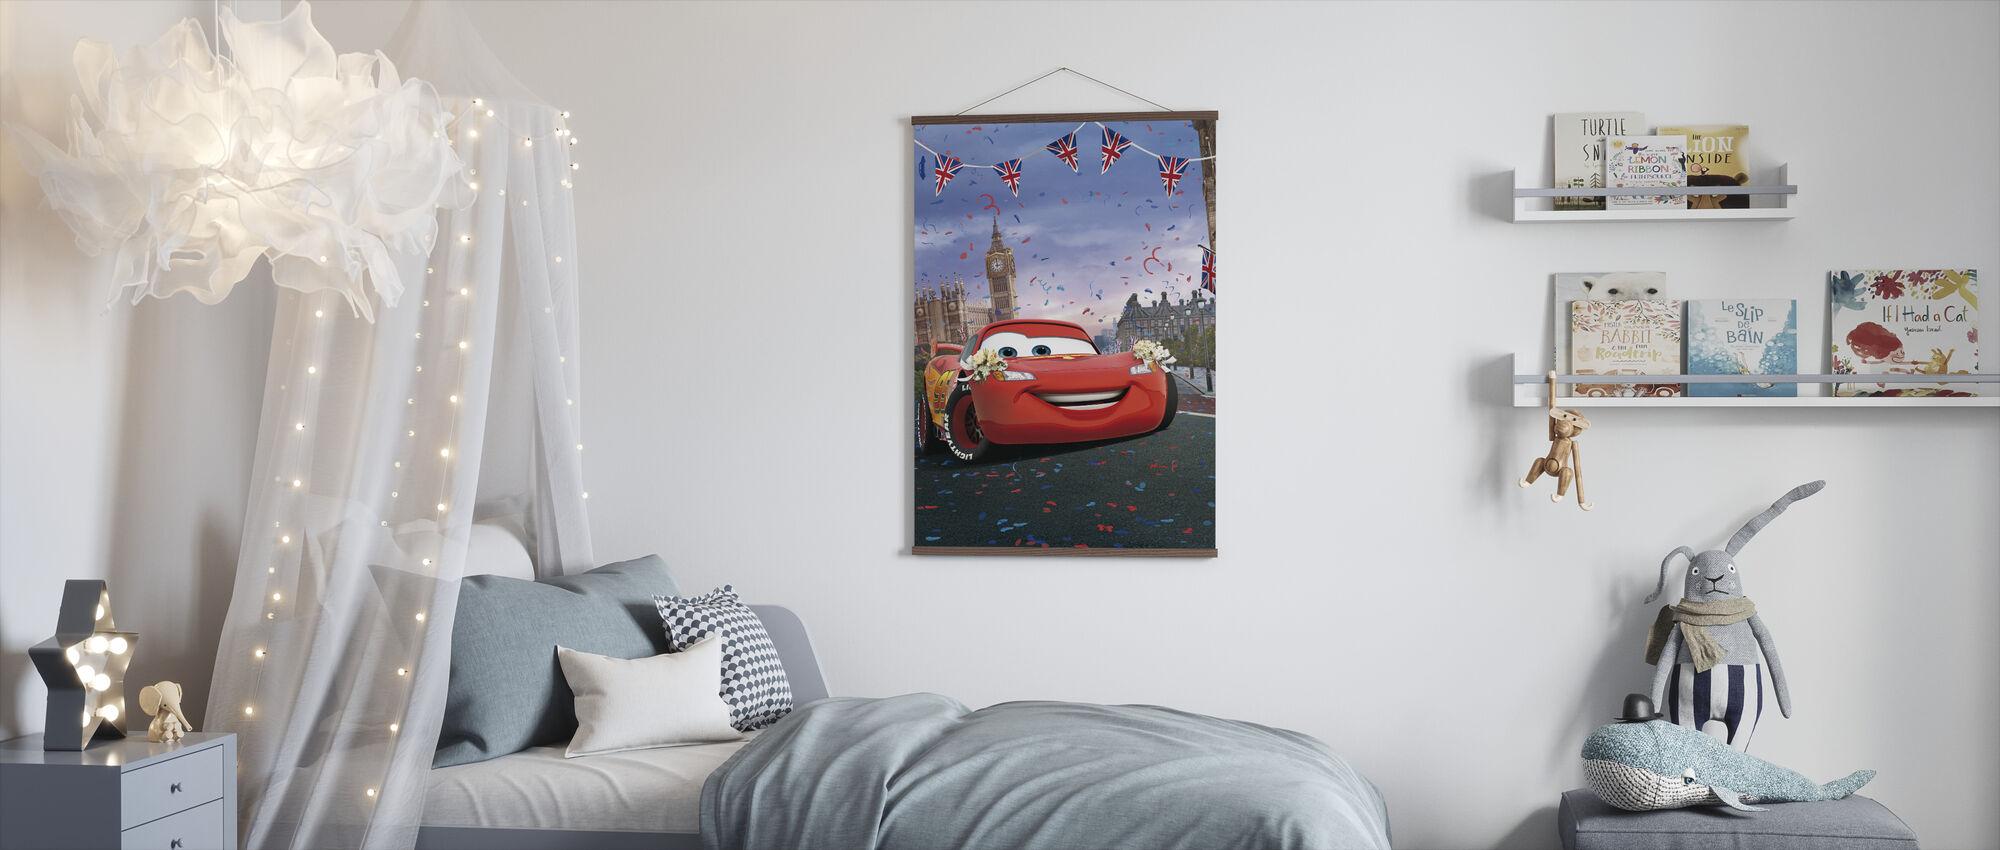 Biler - Lynet McQueen - London - Plakat - Barnerom